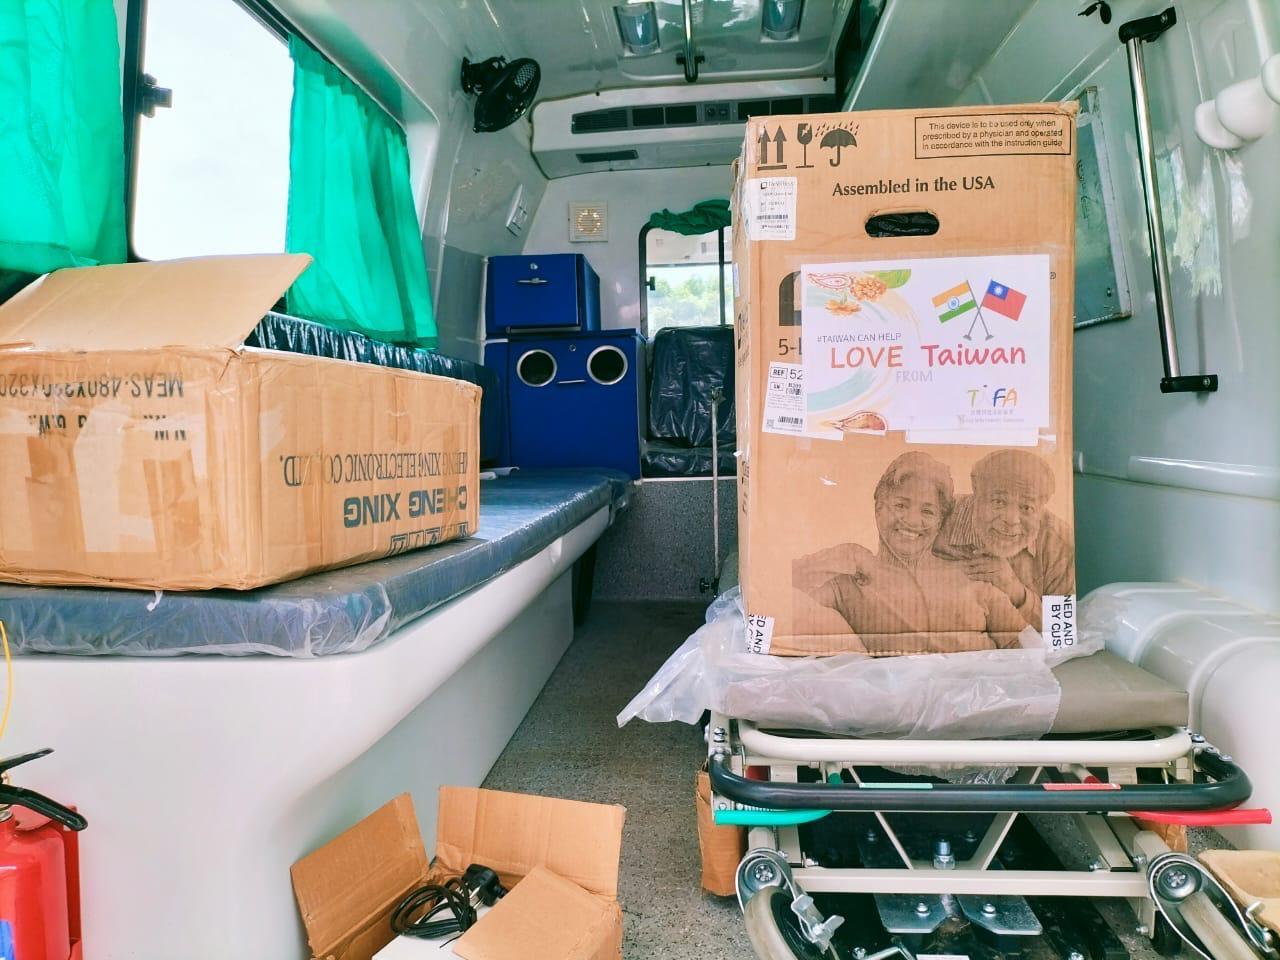 印度疫情:在台印度人攜手台灣企業與非政府組織 助印度偏鄉抗疫